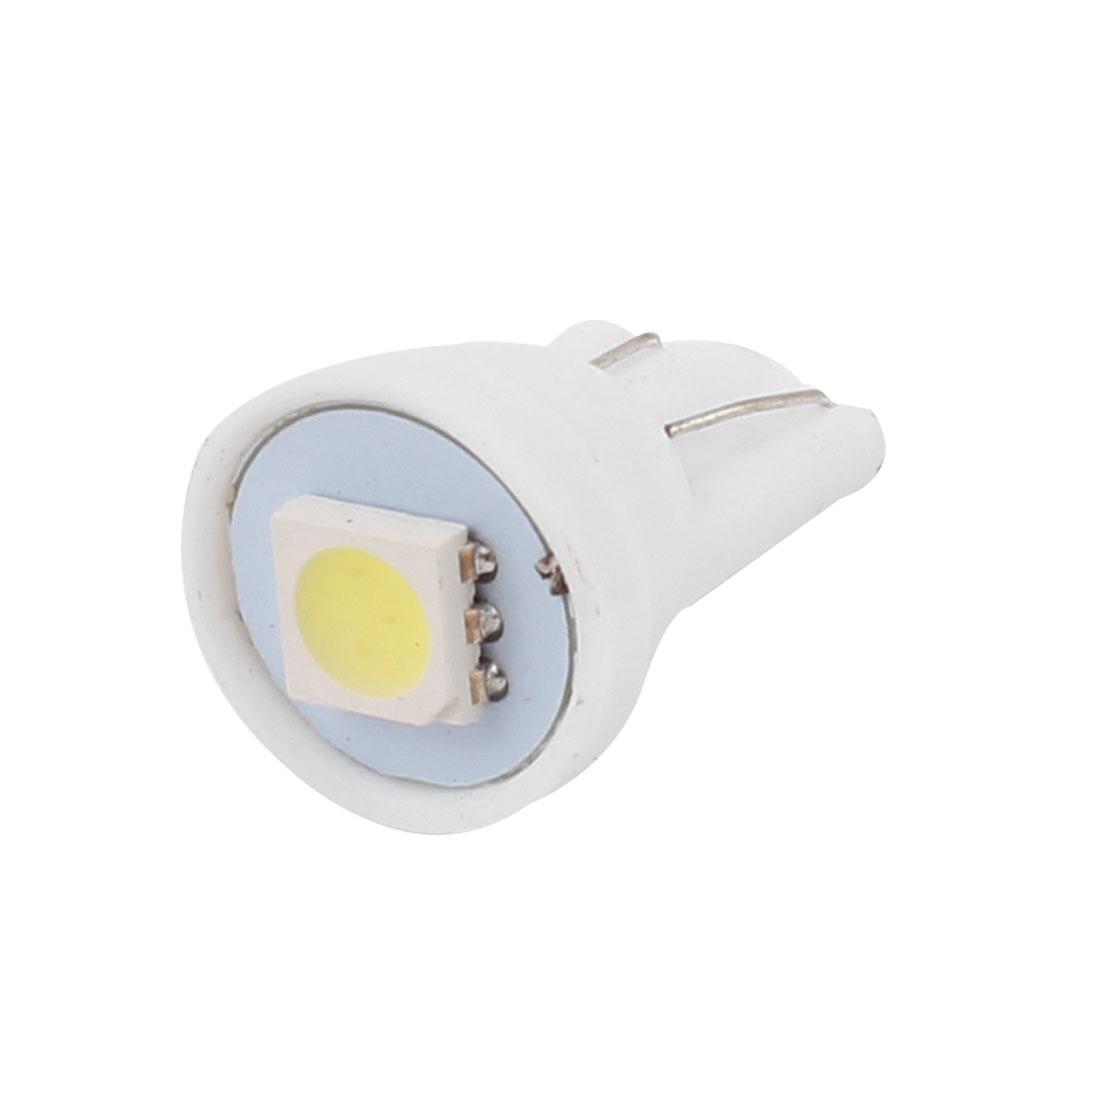 T10 5050 1-SMD White LED Wedge Map Dome Roof Light Bulb Lamp 12V Internal